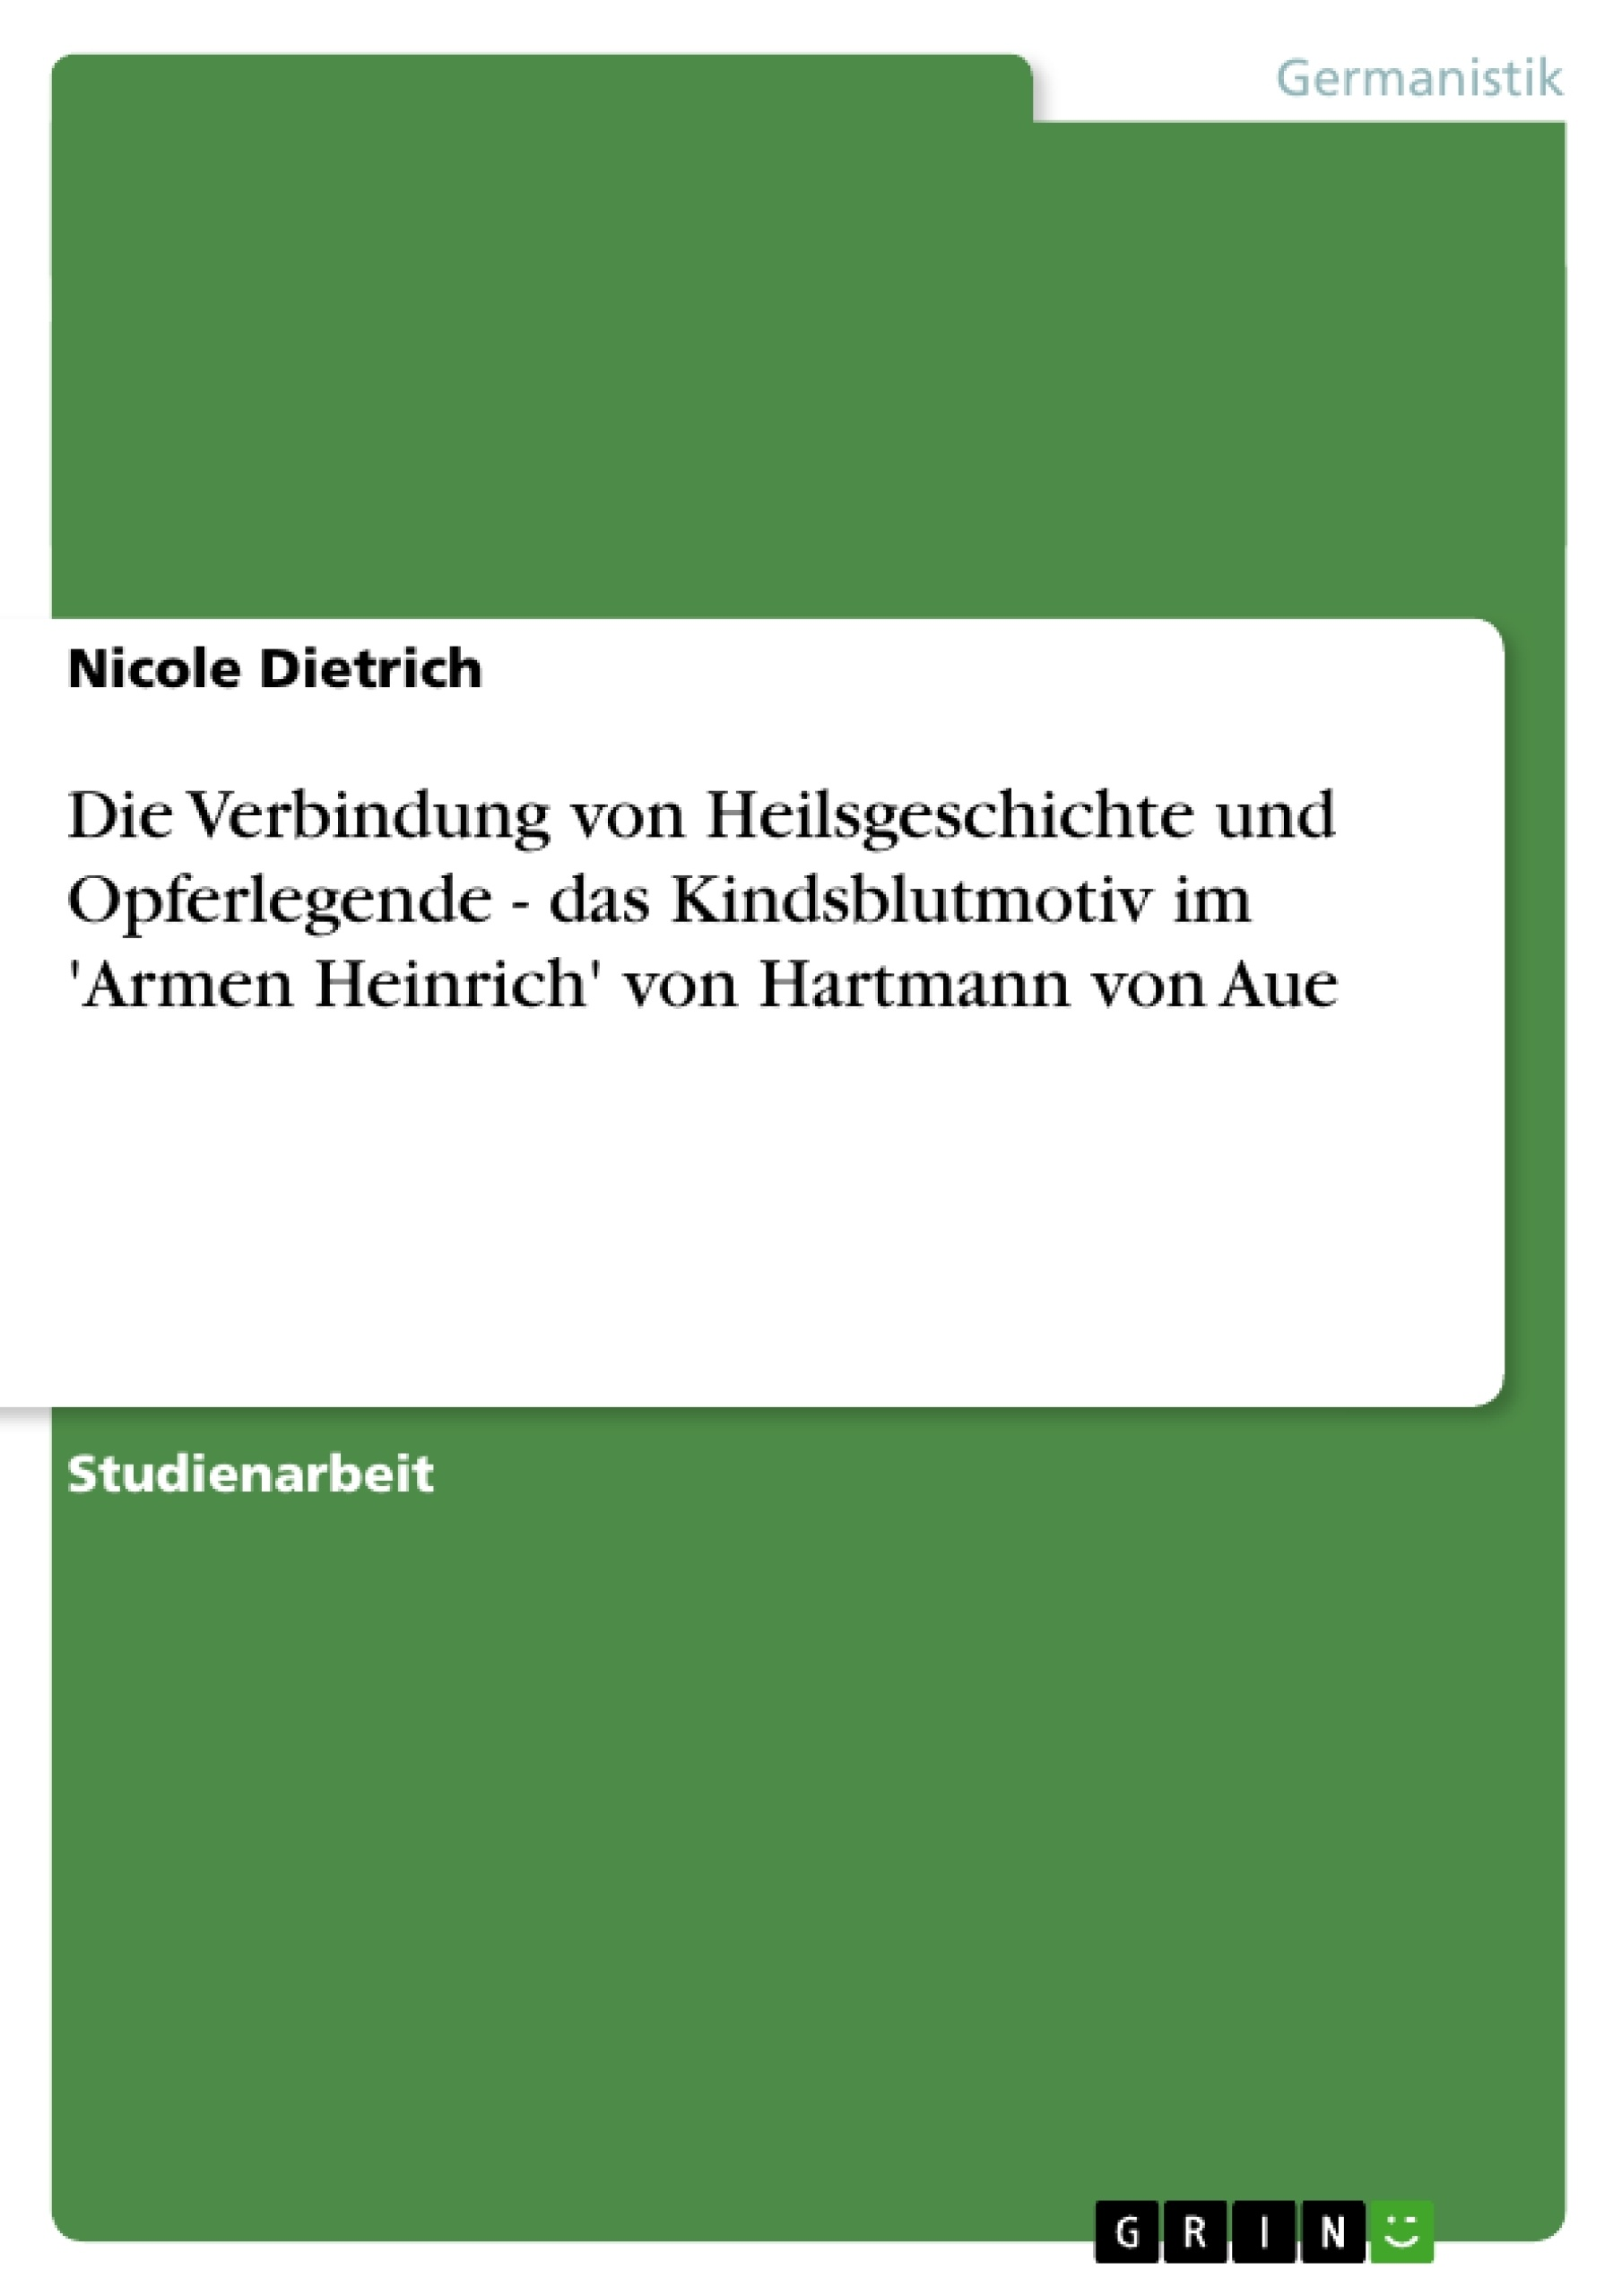 Titel: Die Verbindung von Heilsgeschichte und Opferlegende - das Kindsblutmotiv im 'Armen Heinrich' von Hartmann von Aue